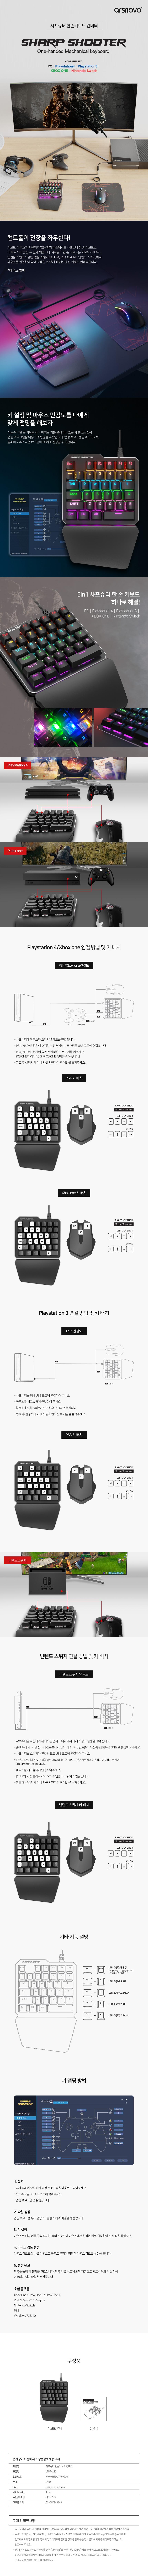 아리스노보 5in1 샤프슈터 한손키보드 for PC 플스4 엑박원 닌텐도 스위치 플스3 FPS게임용45,770원-아리스노보키덜트/취미, 장난감/게임기, 게임기, 소니 게임주변기기바보사랑아리스노보 5in1 샤프슈터 한손키보드 for PC 플스4 엑박원 닌텐도 스위치 플스3 FPS게임용45,770원-아리스노보키덜트/취미, 장난감/게임기, 게임기, 소니 게임주변기기바보사랑